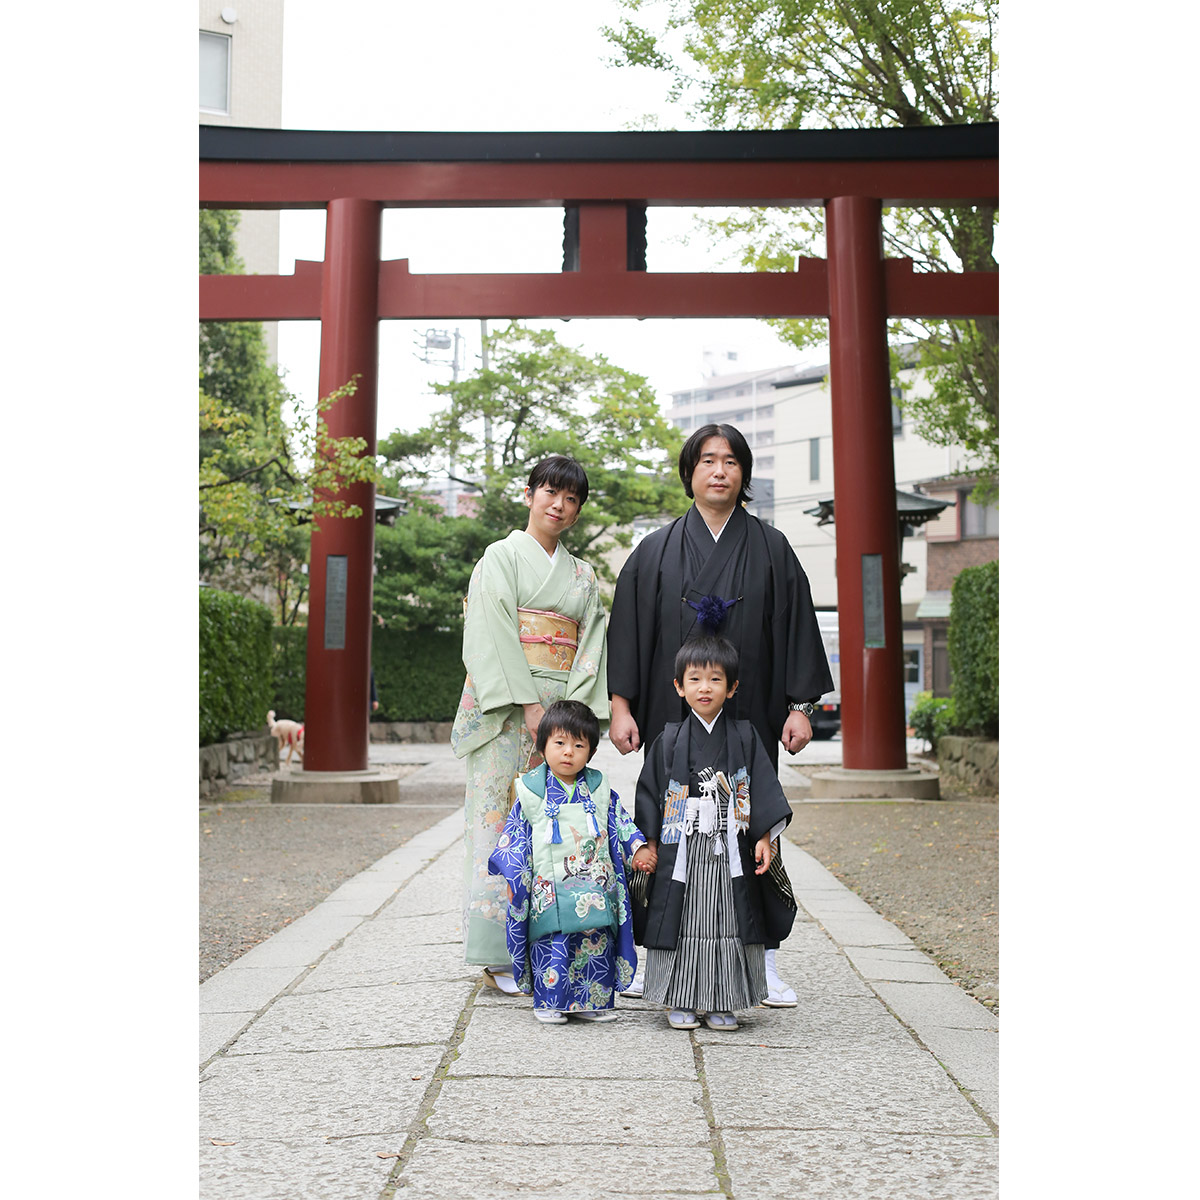 家族全員で着物を着用 根津神社